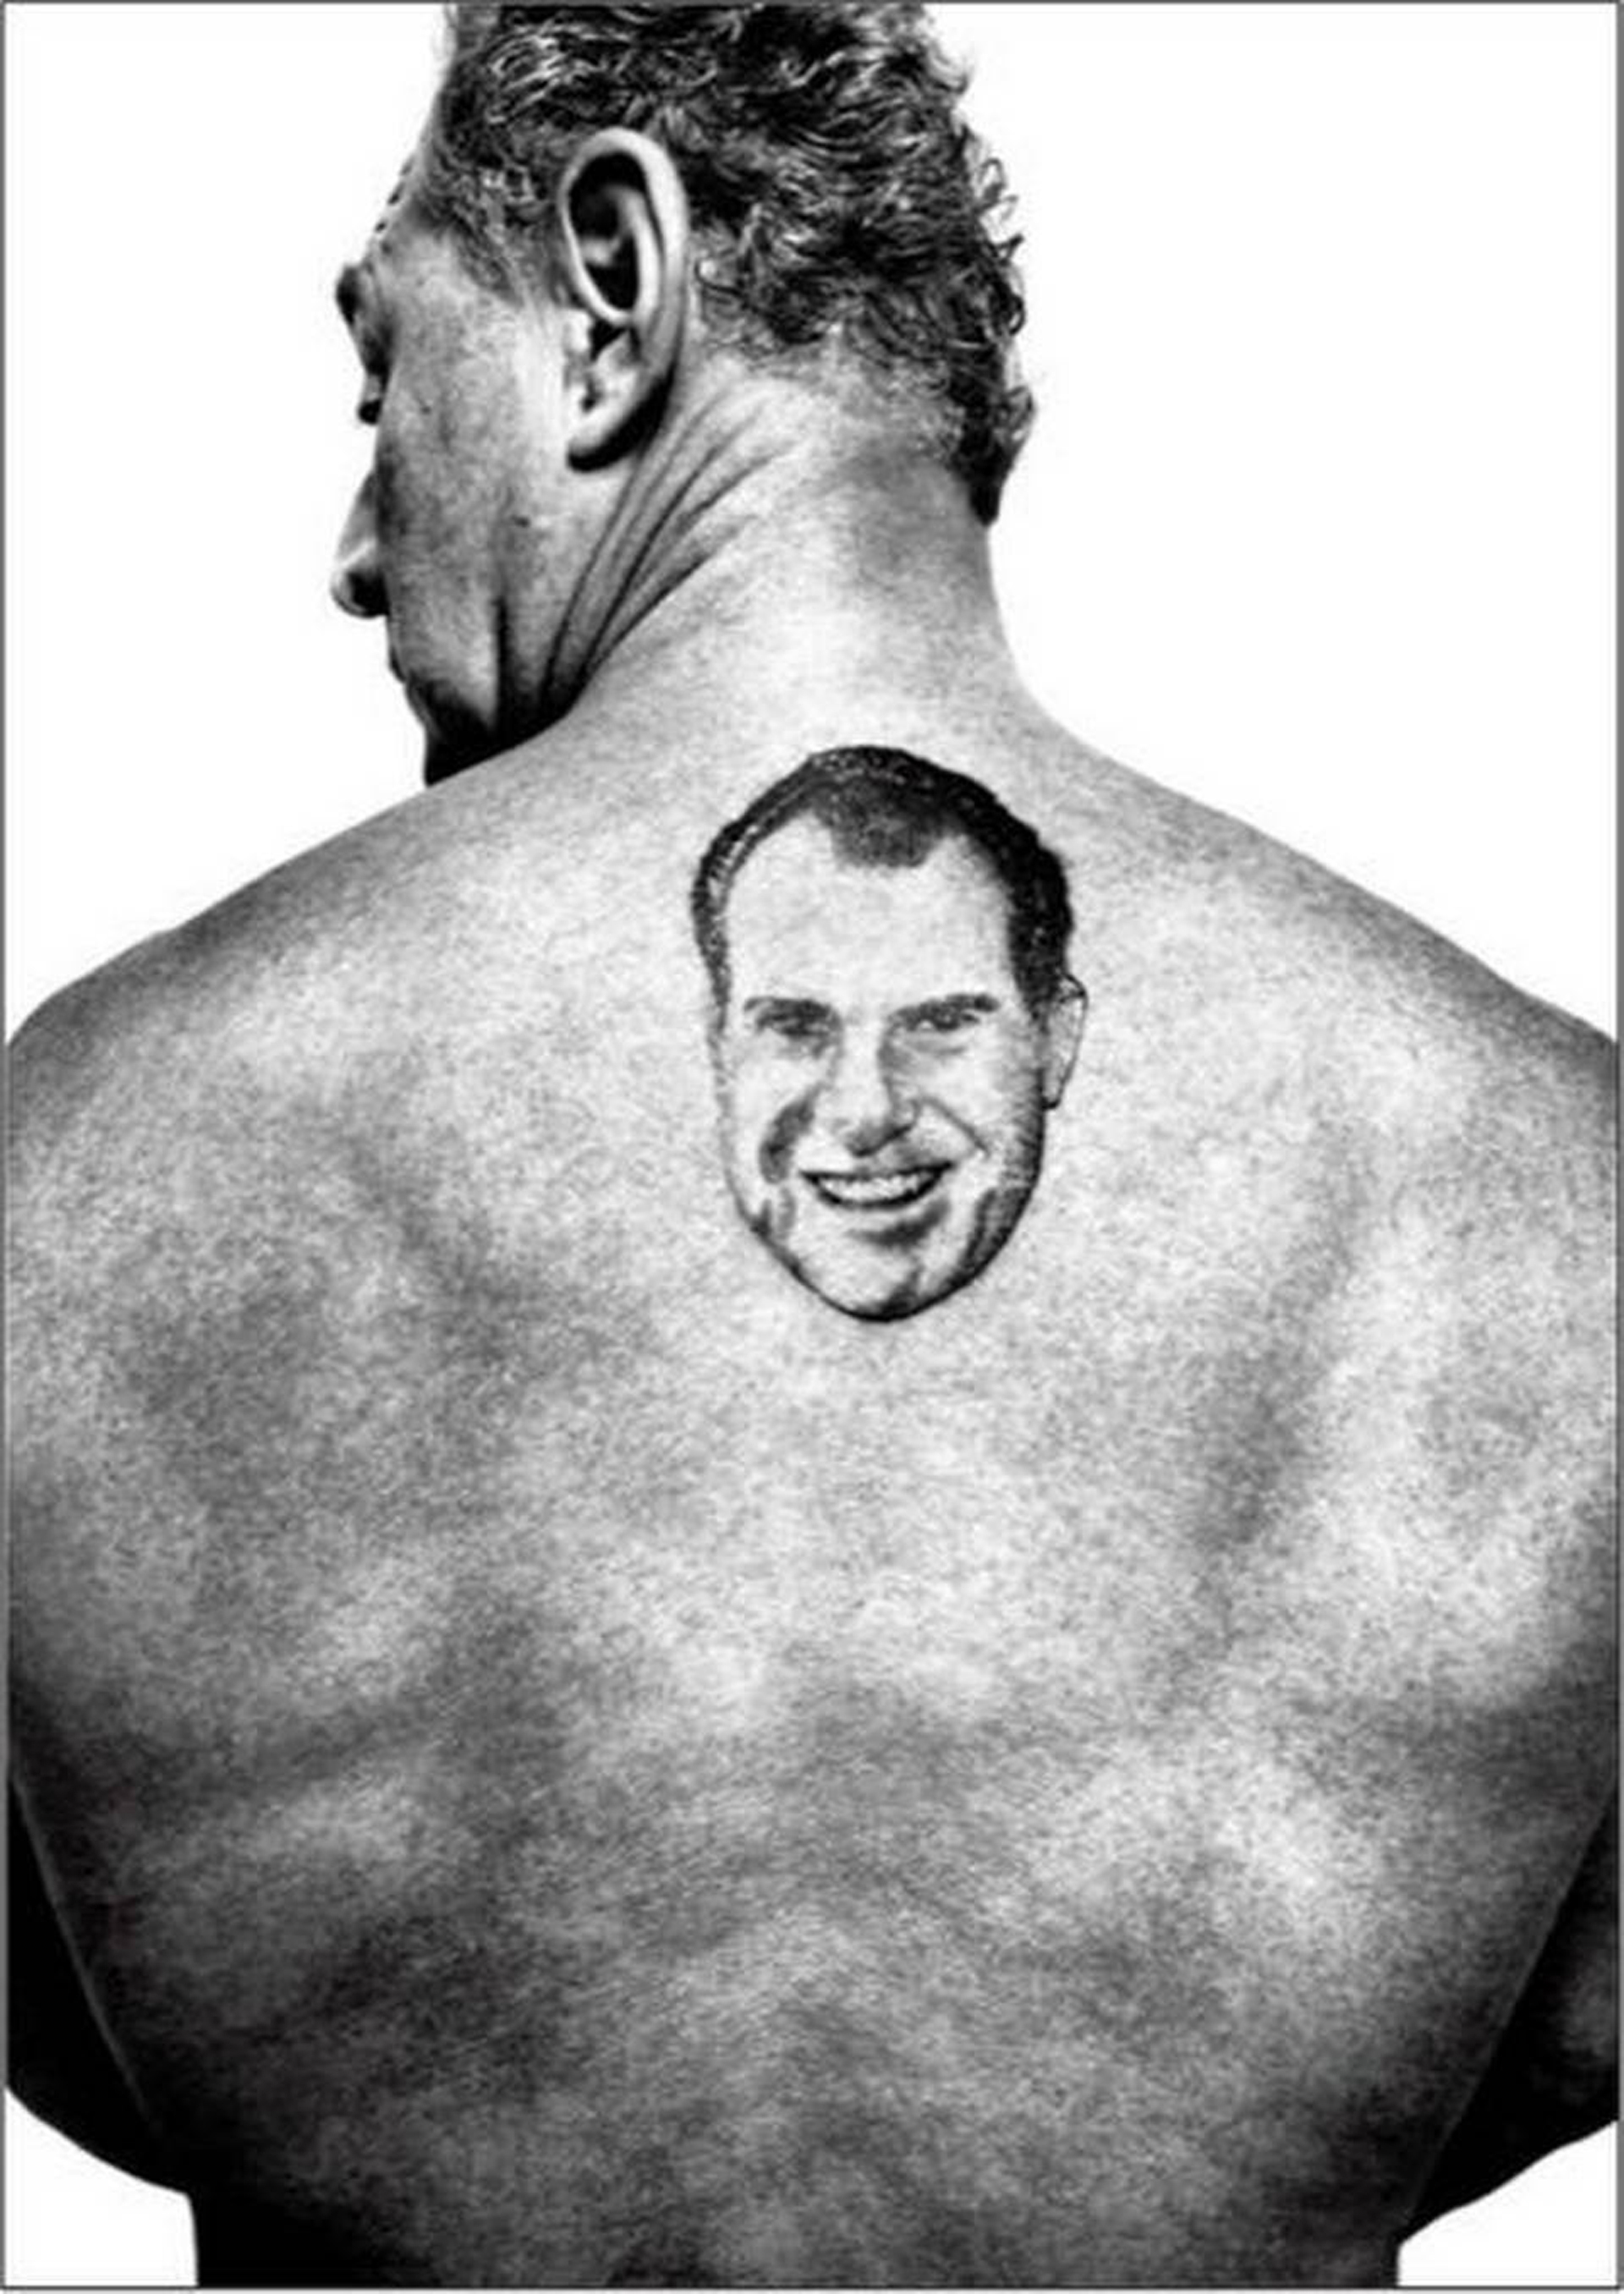 El tatuaje de Nixon en su espalda